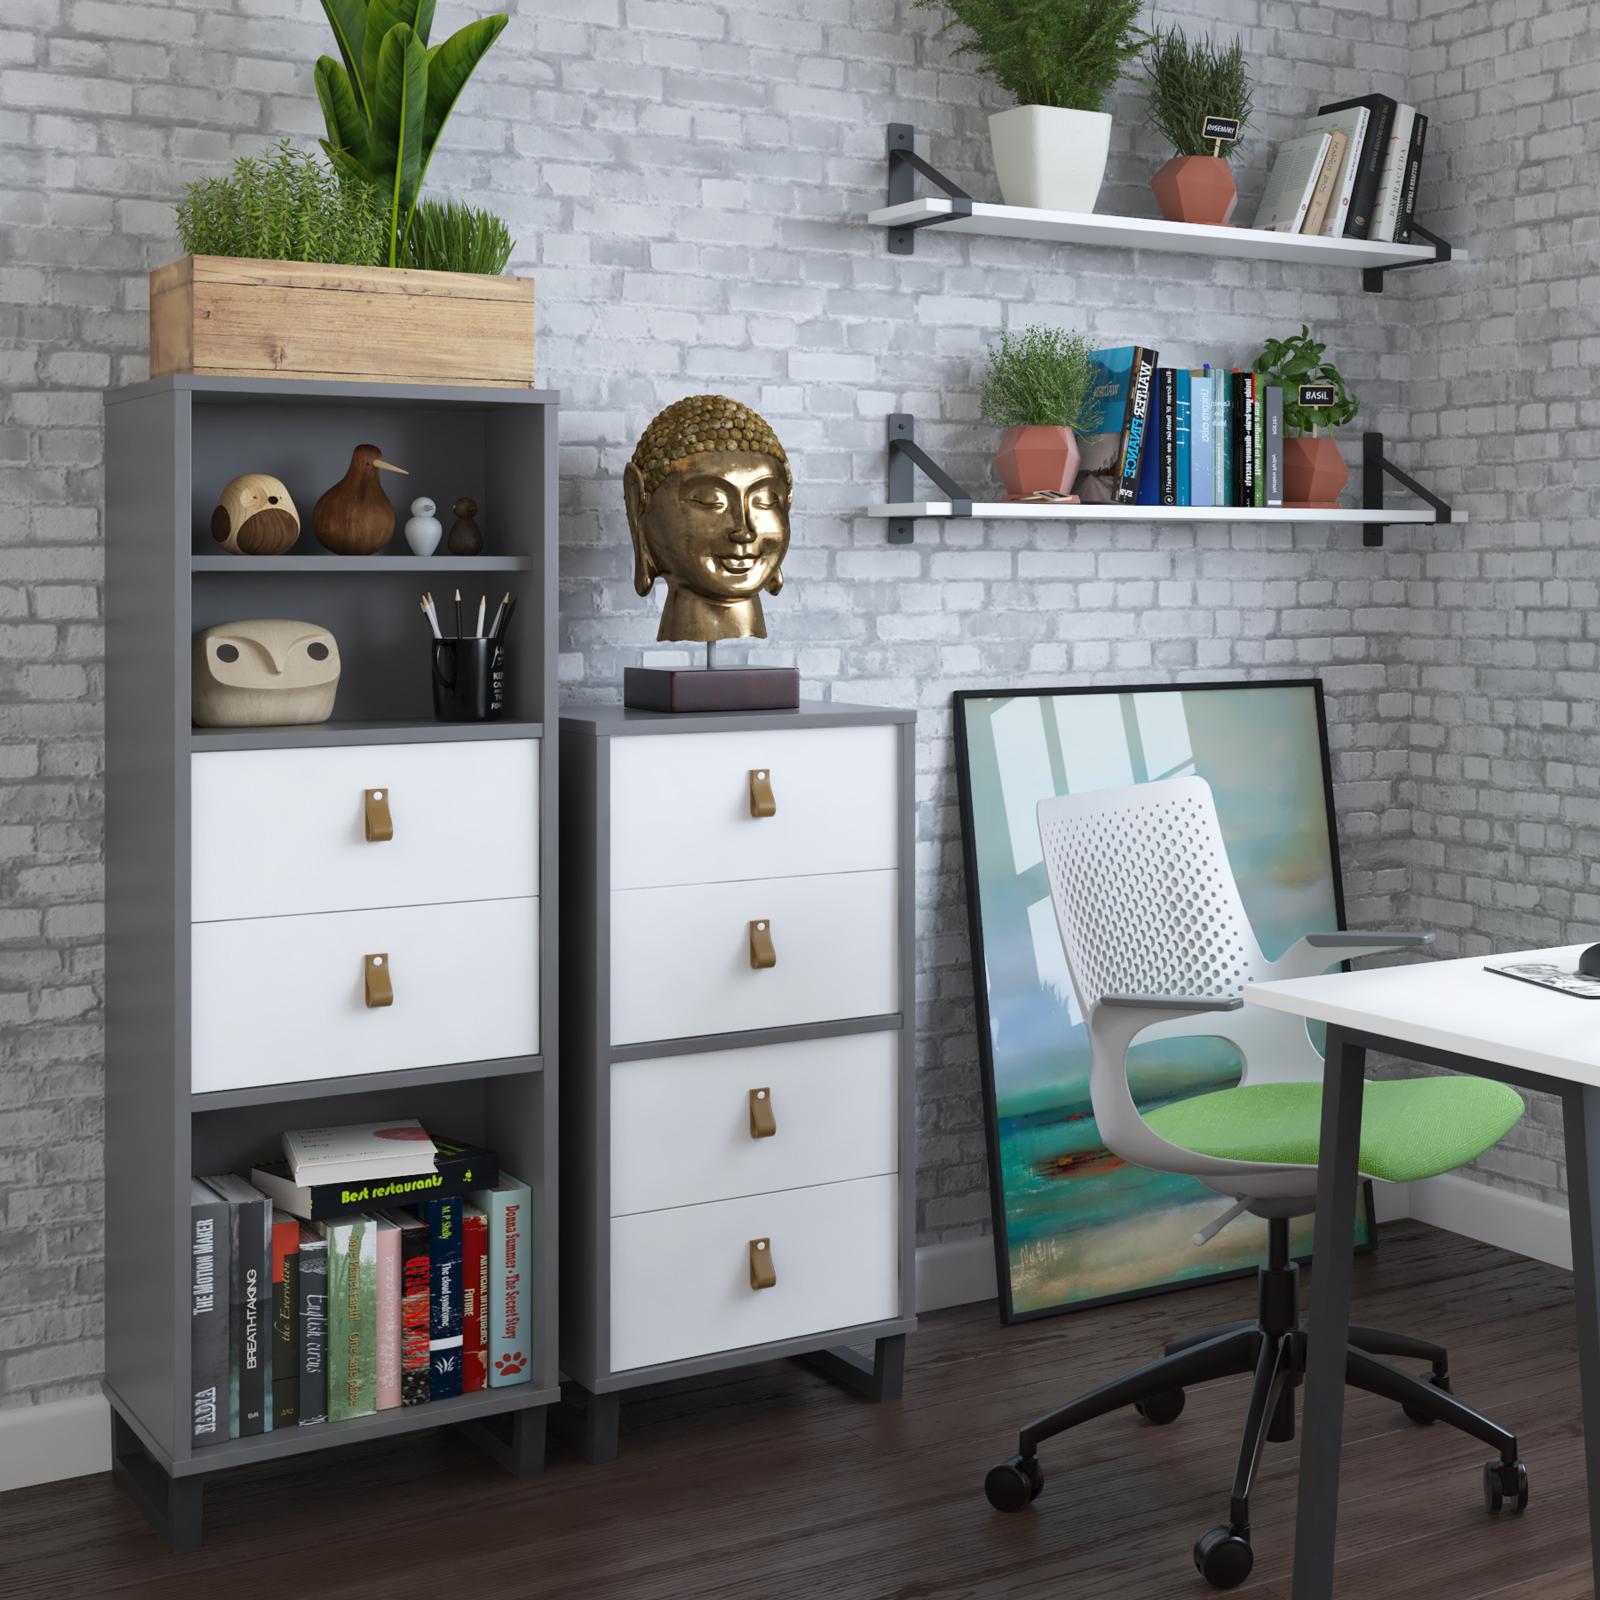 Home Working Storage